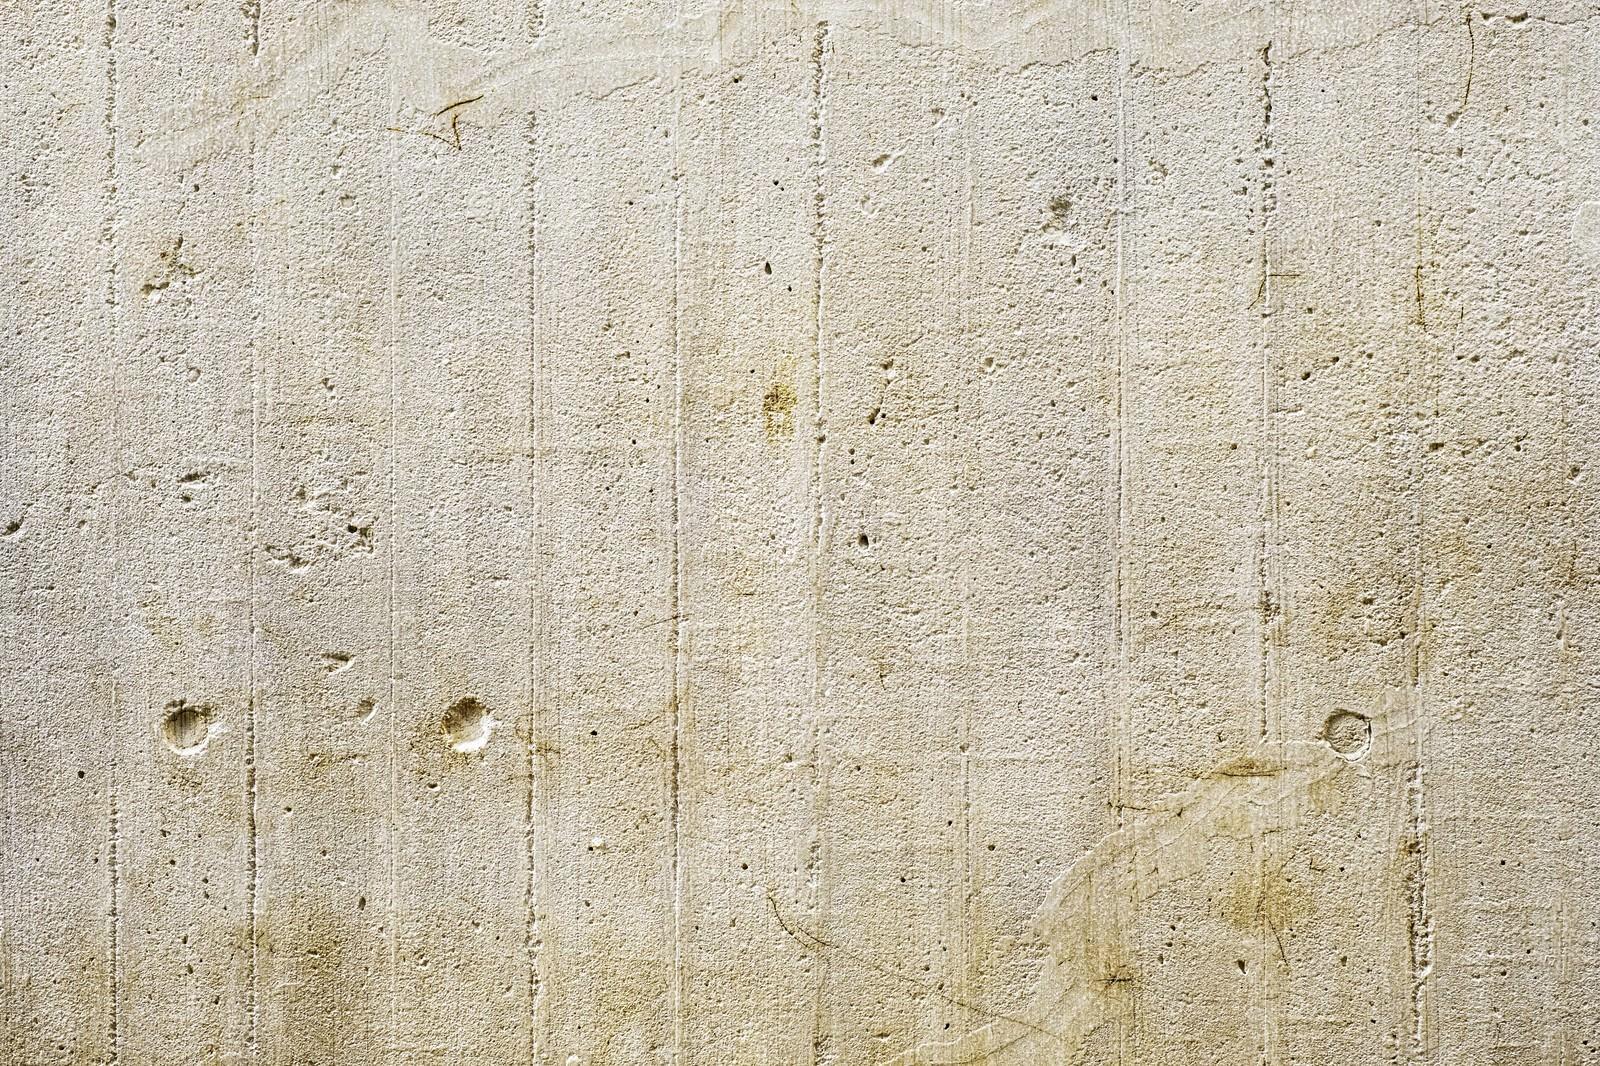 「板の跡が残るコンクリート壁(テクスチャ)」の写真